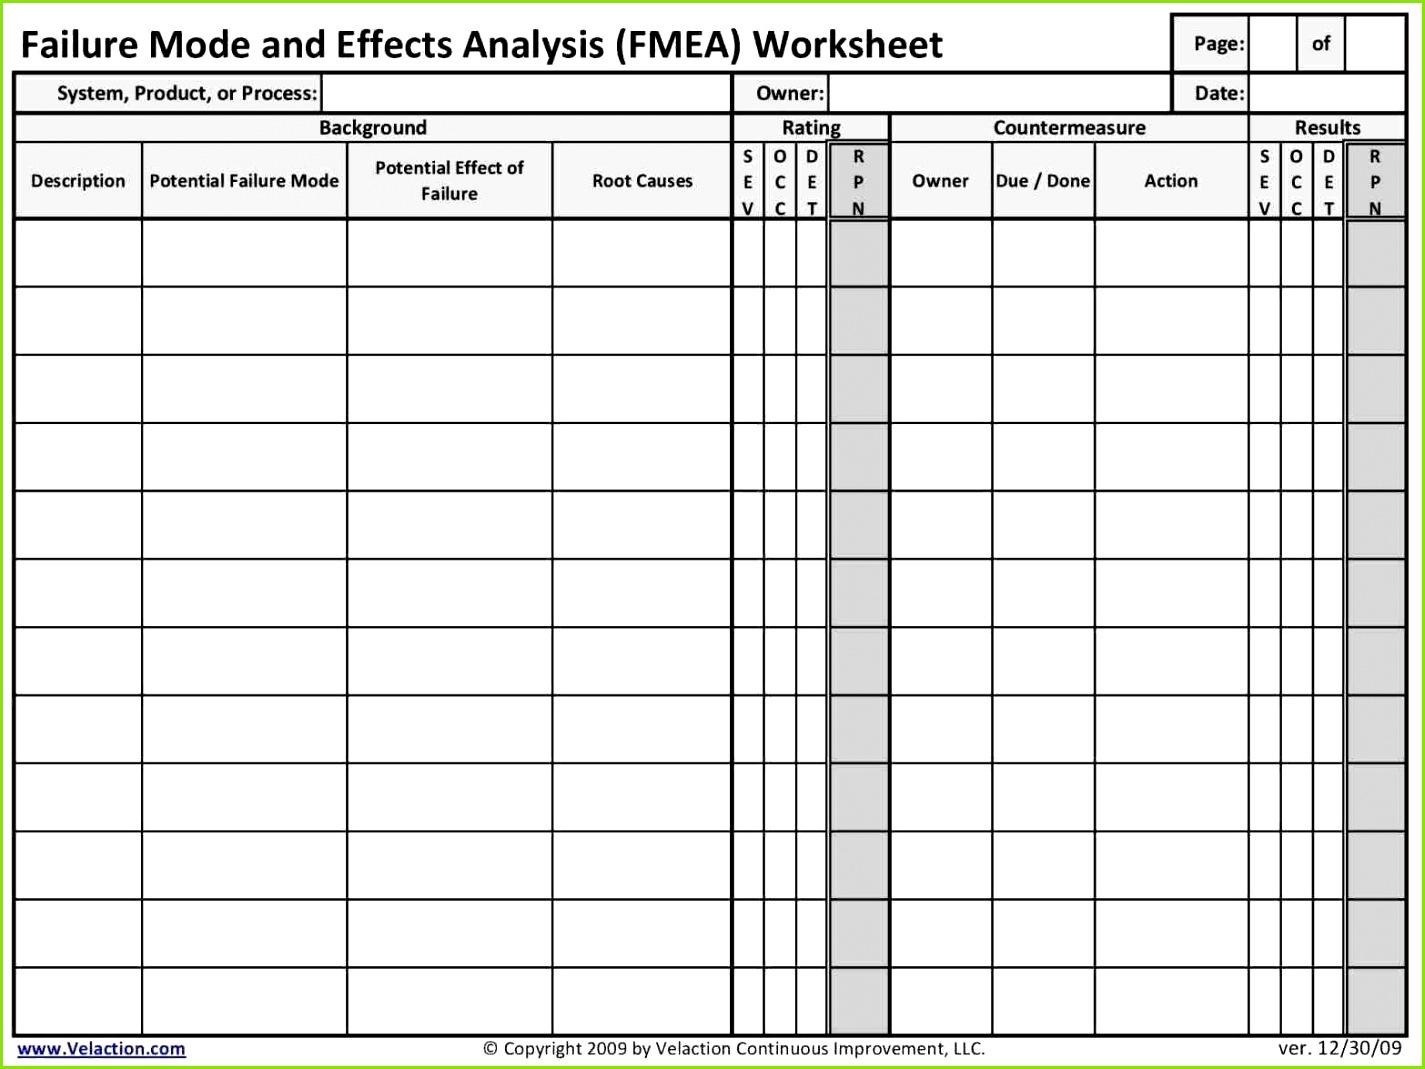 35 Einzigartig Risikobeurteilung Maschinenrichtlinie Vorlage Excel Nach Oben Risikobeurteilung Maschinen Vorlage